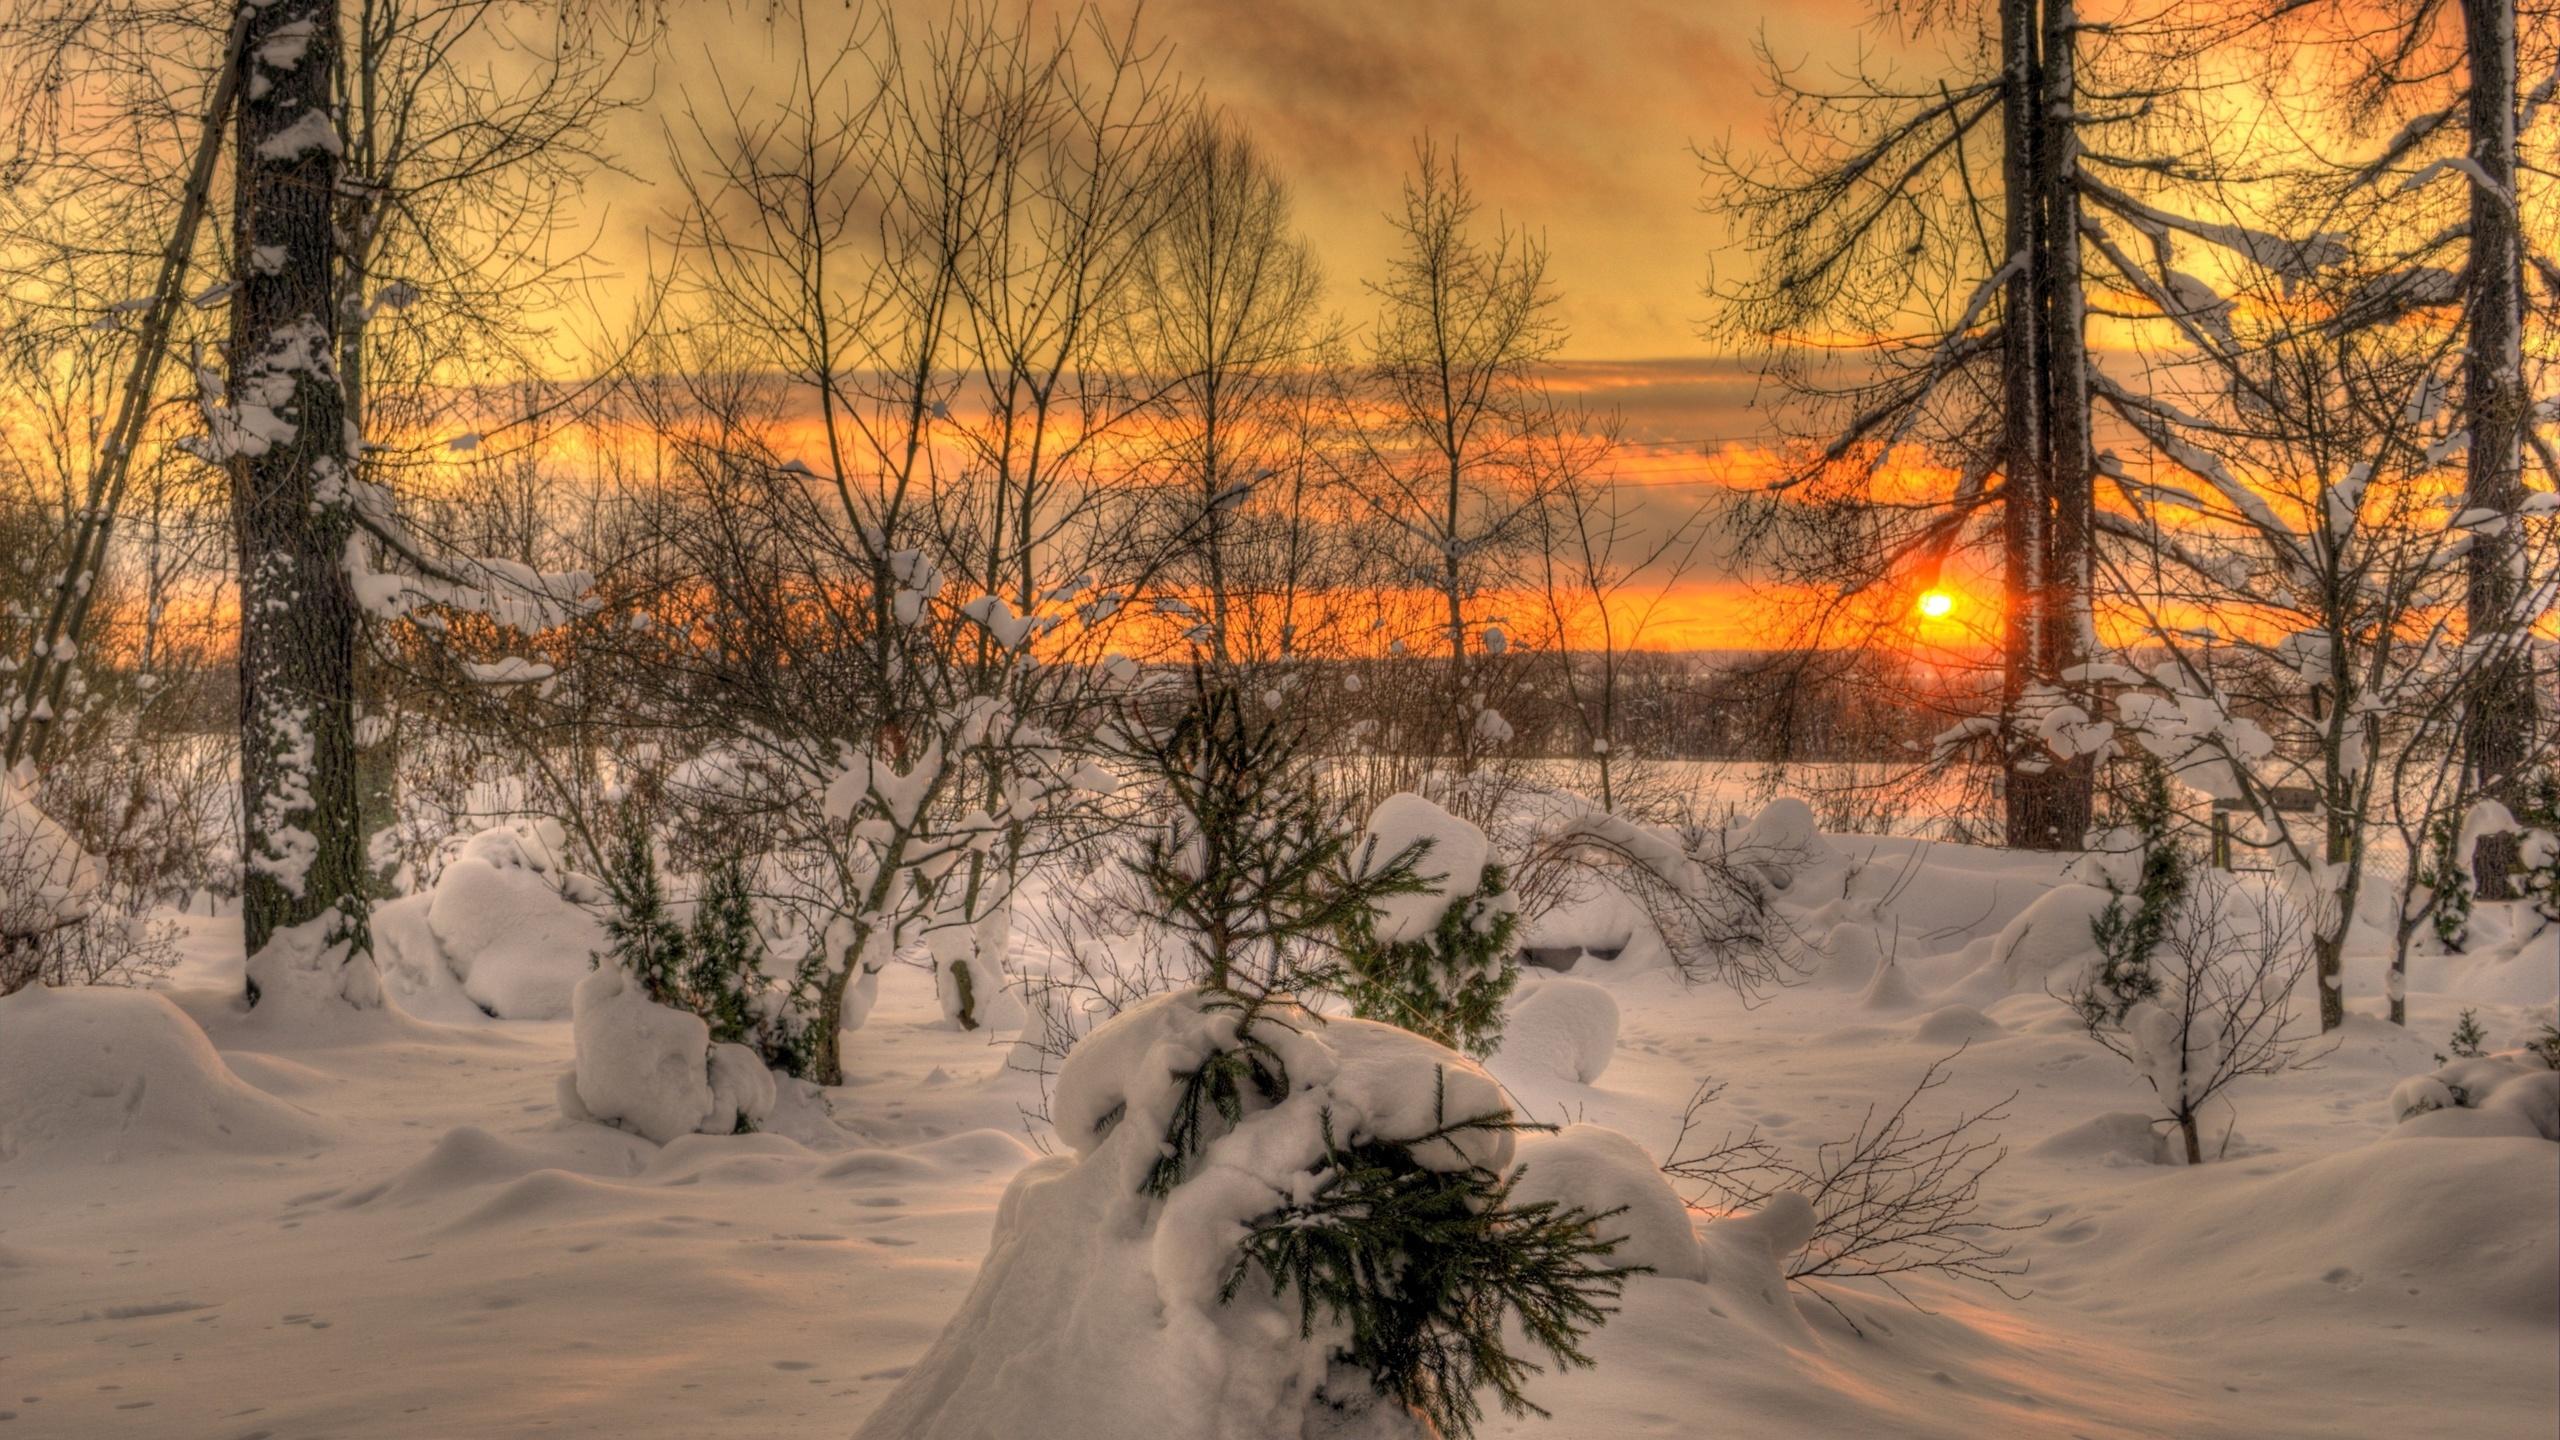 Картинки на рабочий стол зимний лес солнце на весь экран изготавливаются